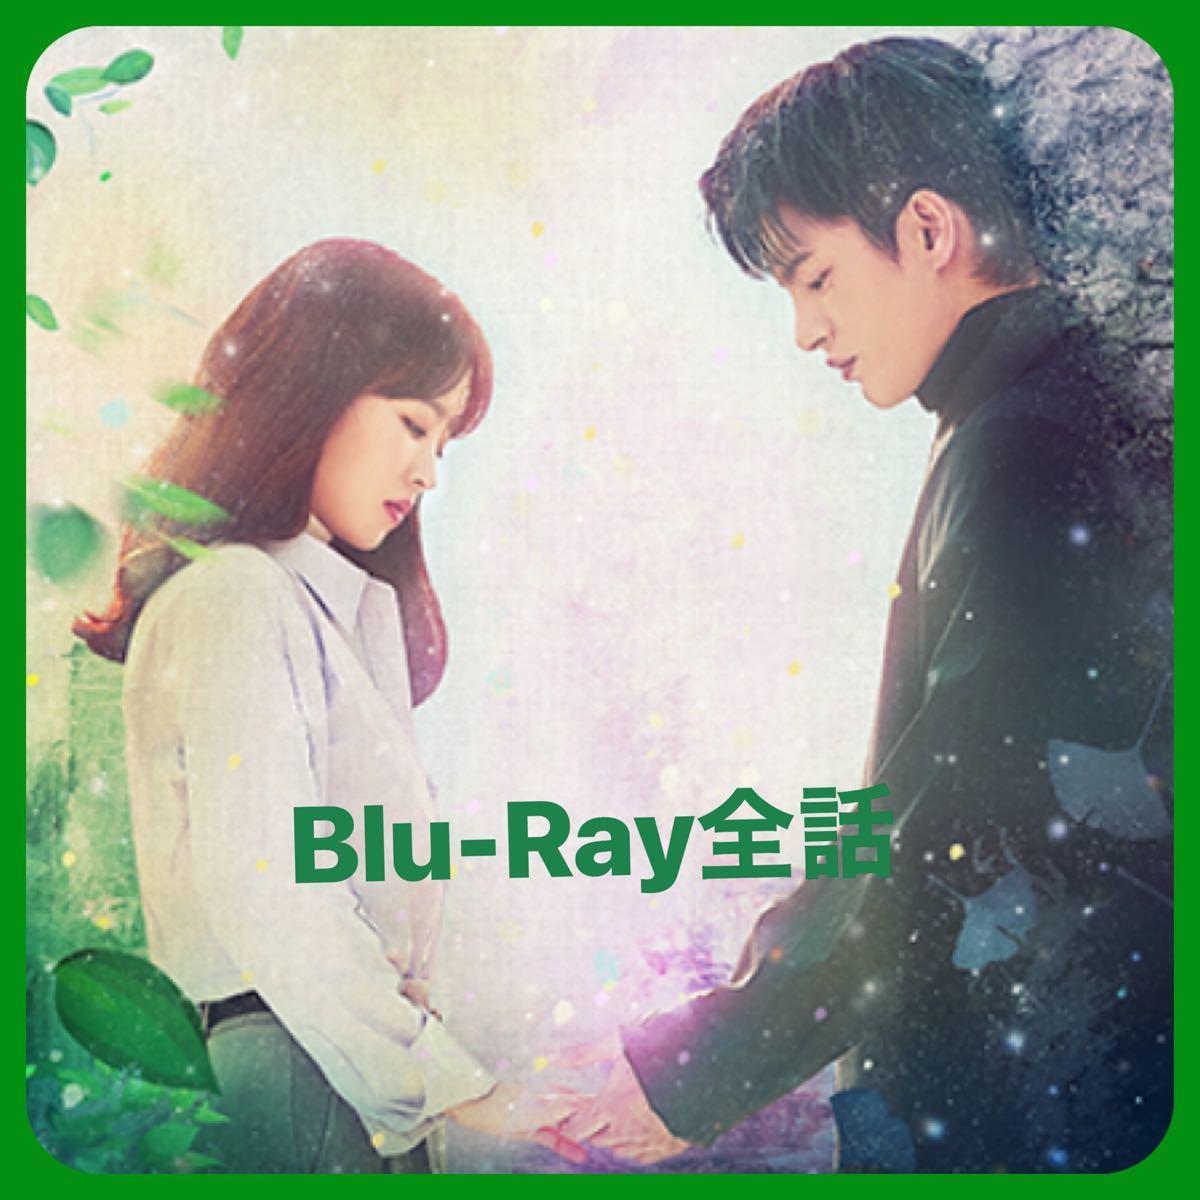 韓国ドラマ  ある日、私の家の玄関に滅亡が入ってきた Blu-Ray全話